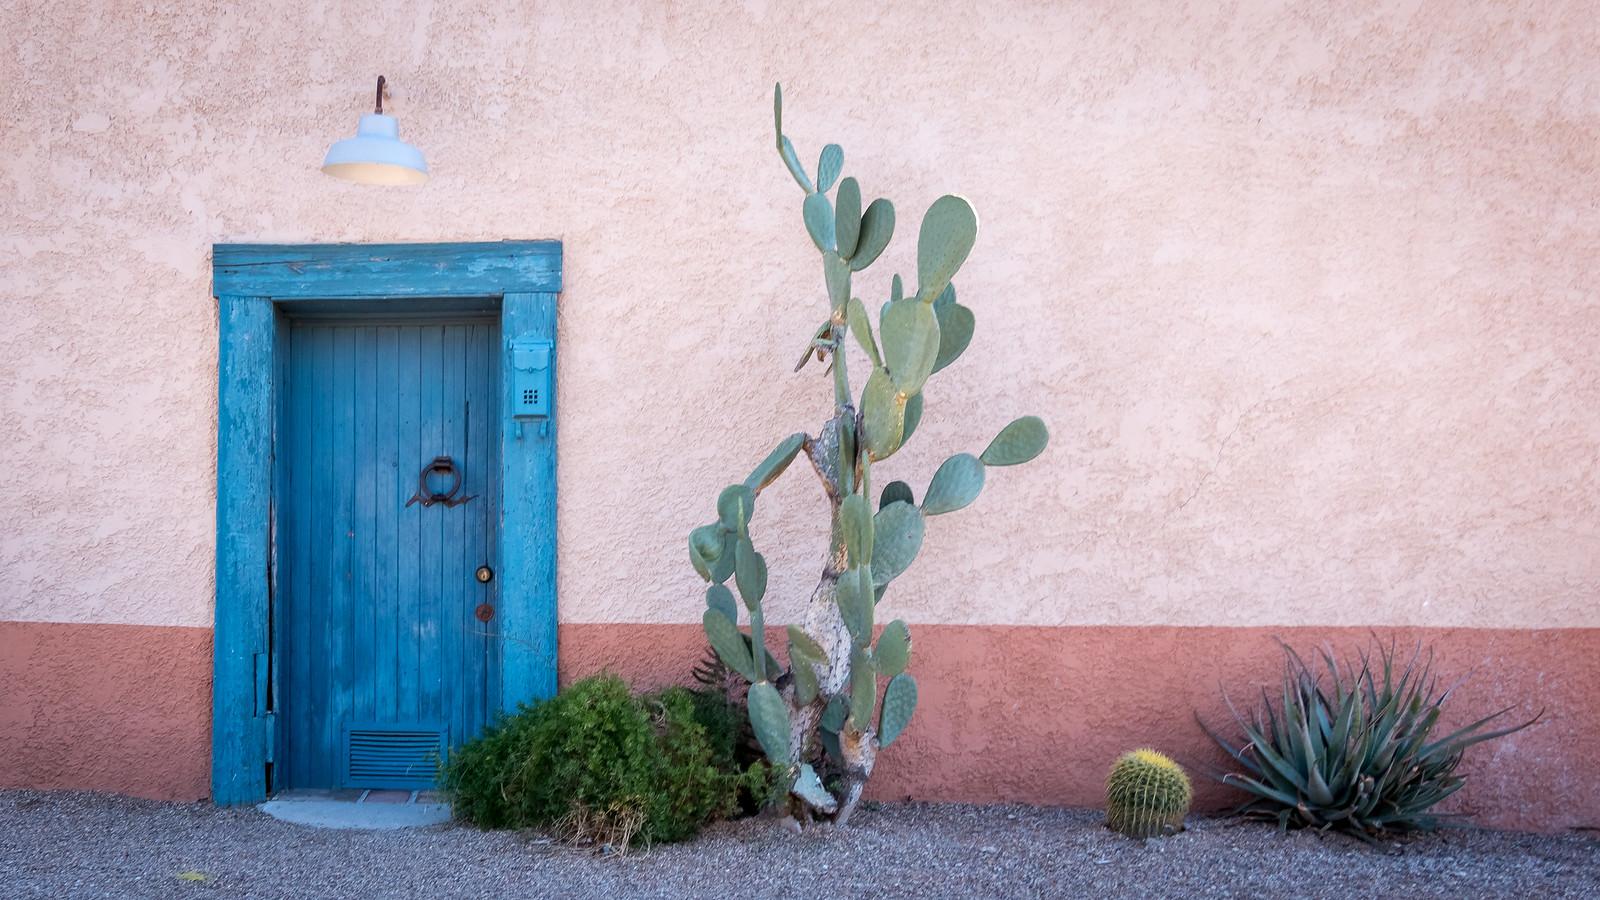 Tucson - Arizona - [USA]